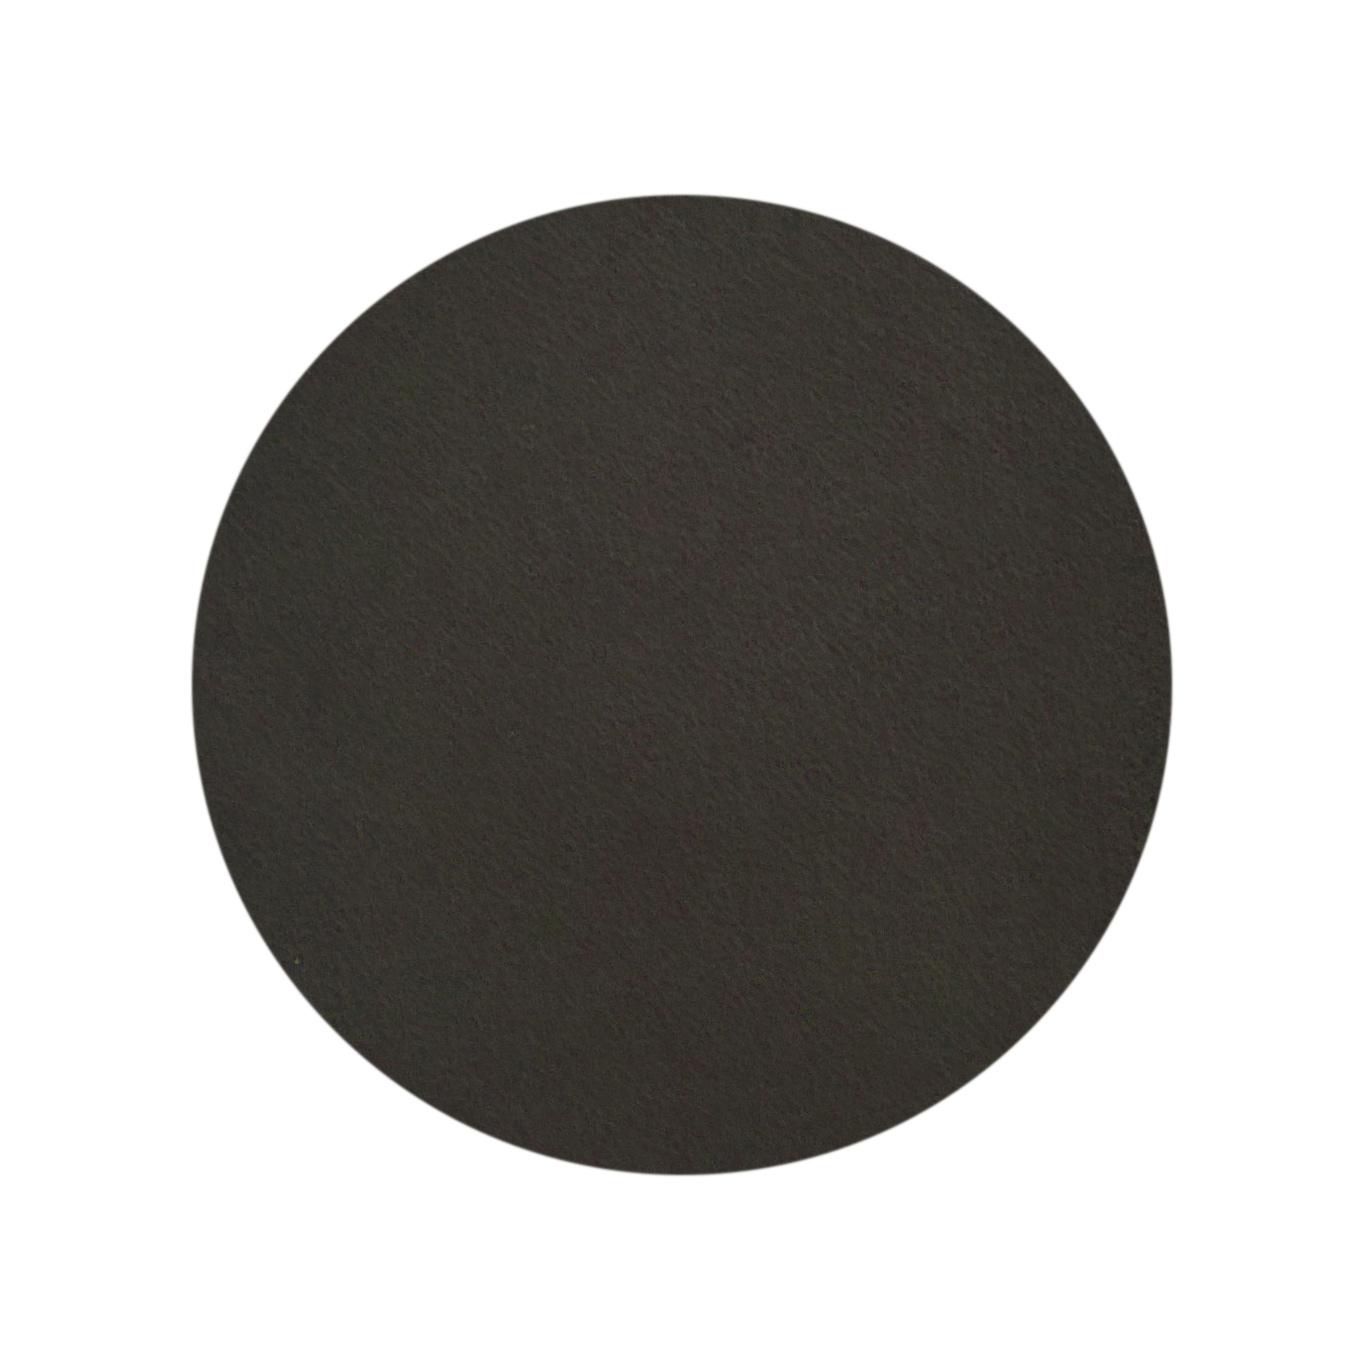 Aspen Leather - Fog